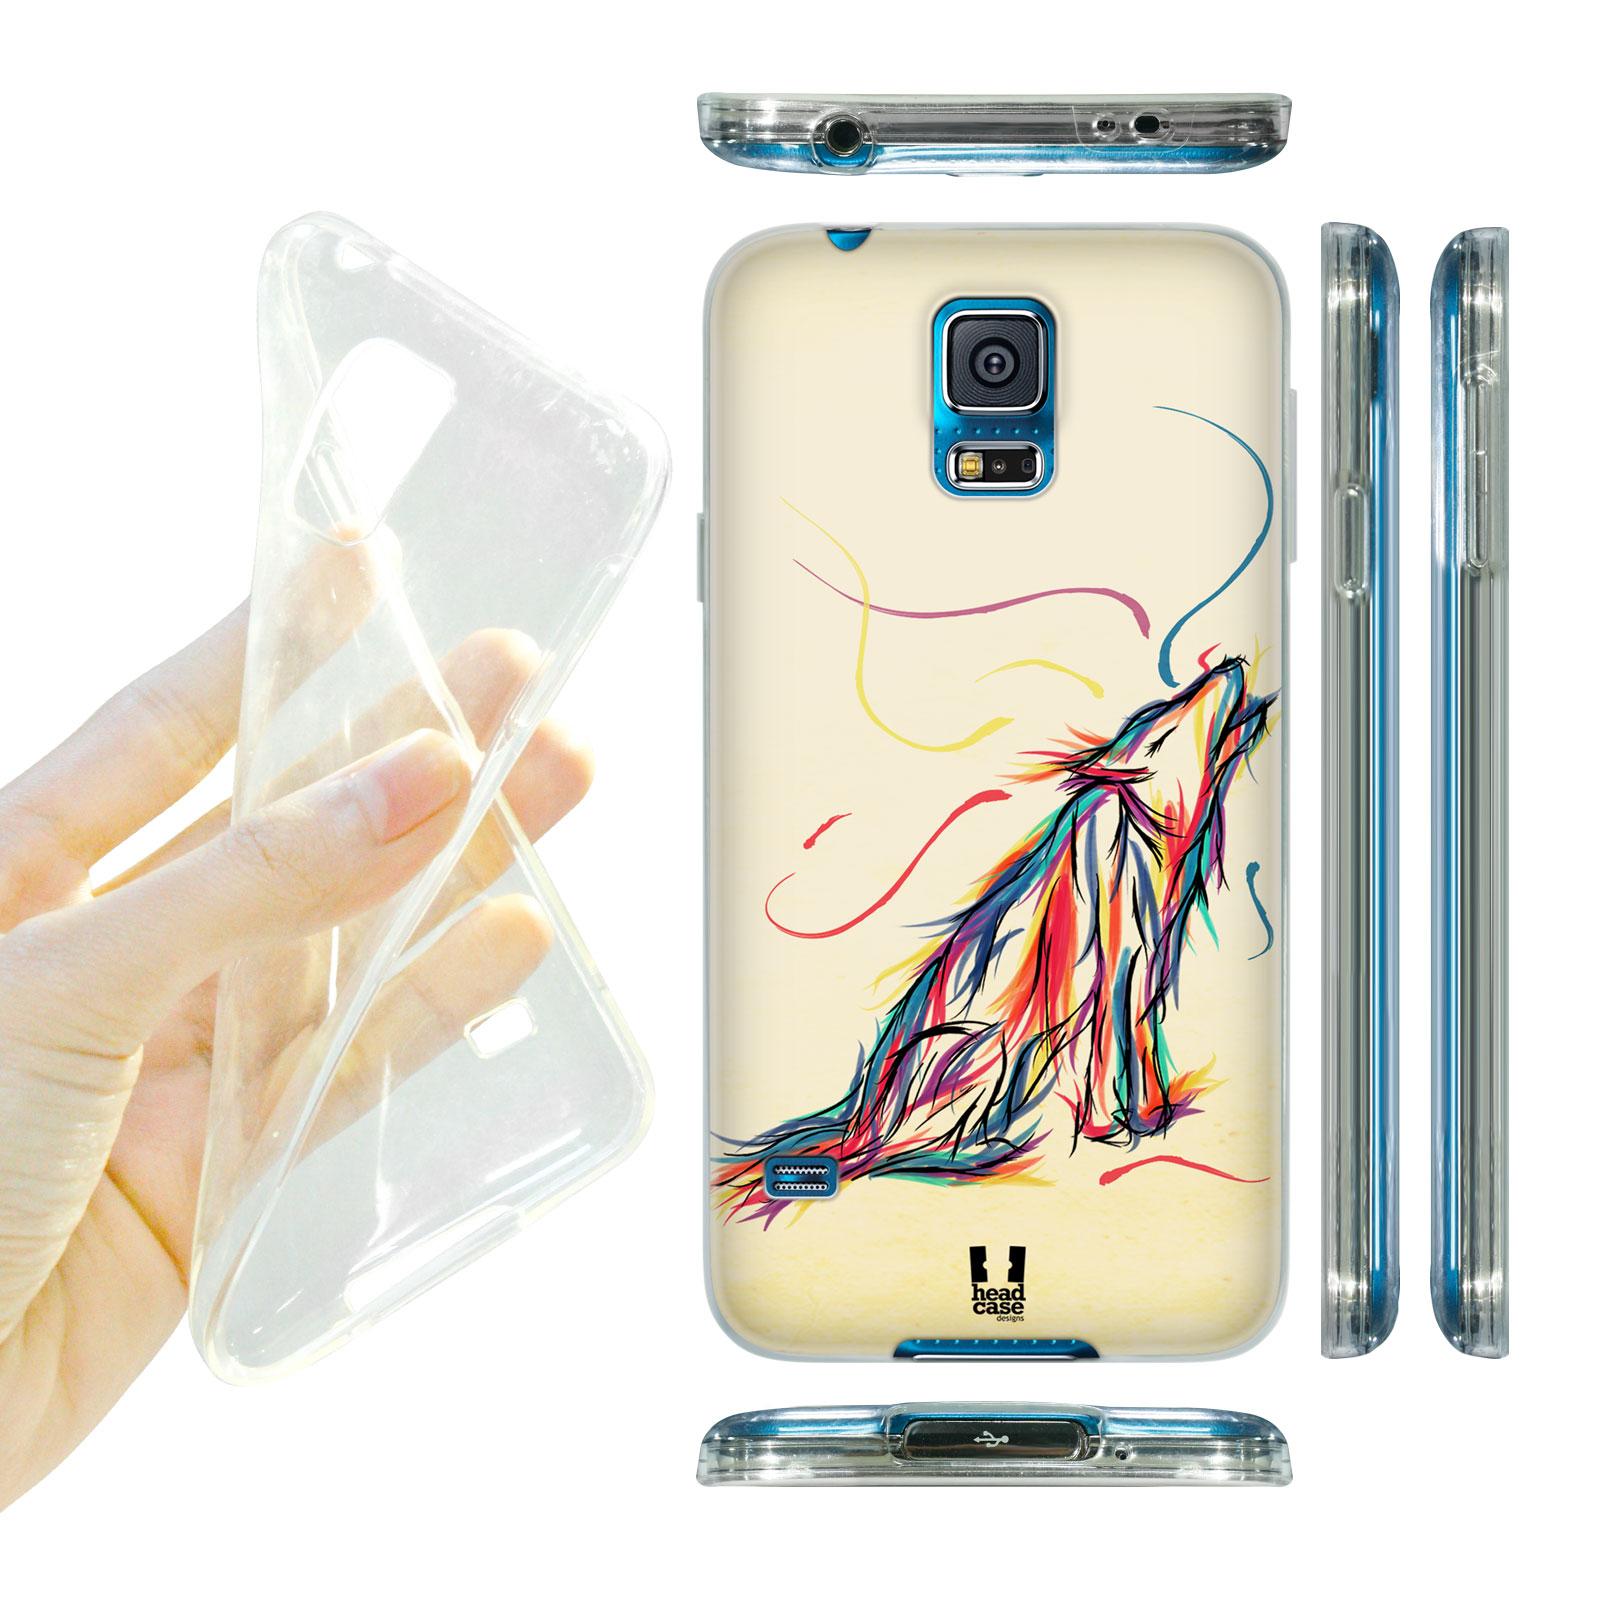 HEAD CASE silikonový obal na mobil Samsung galaxy S5 barevná kresba vlk